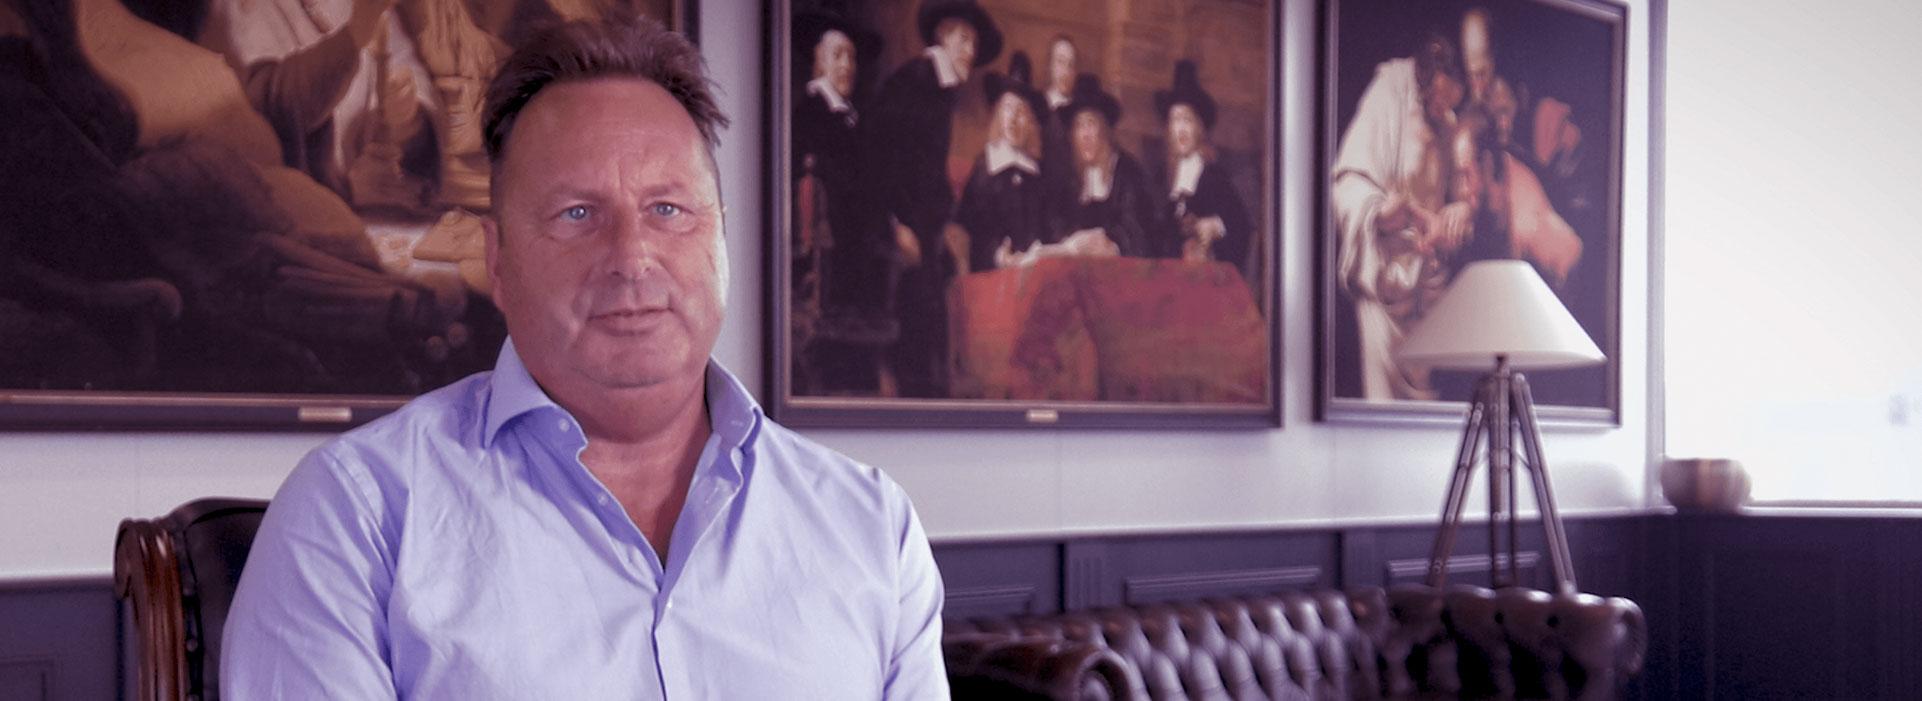 Erwin Liesting, former owner Hotbath